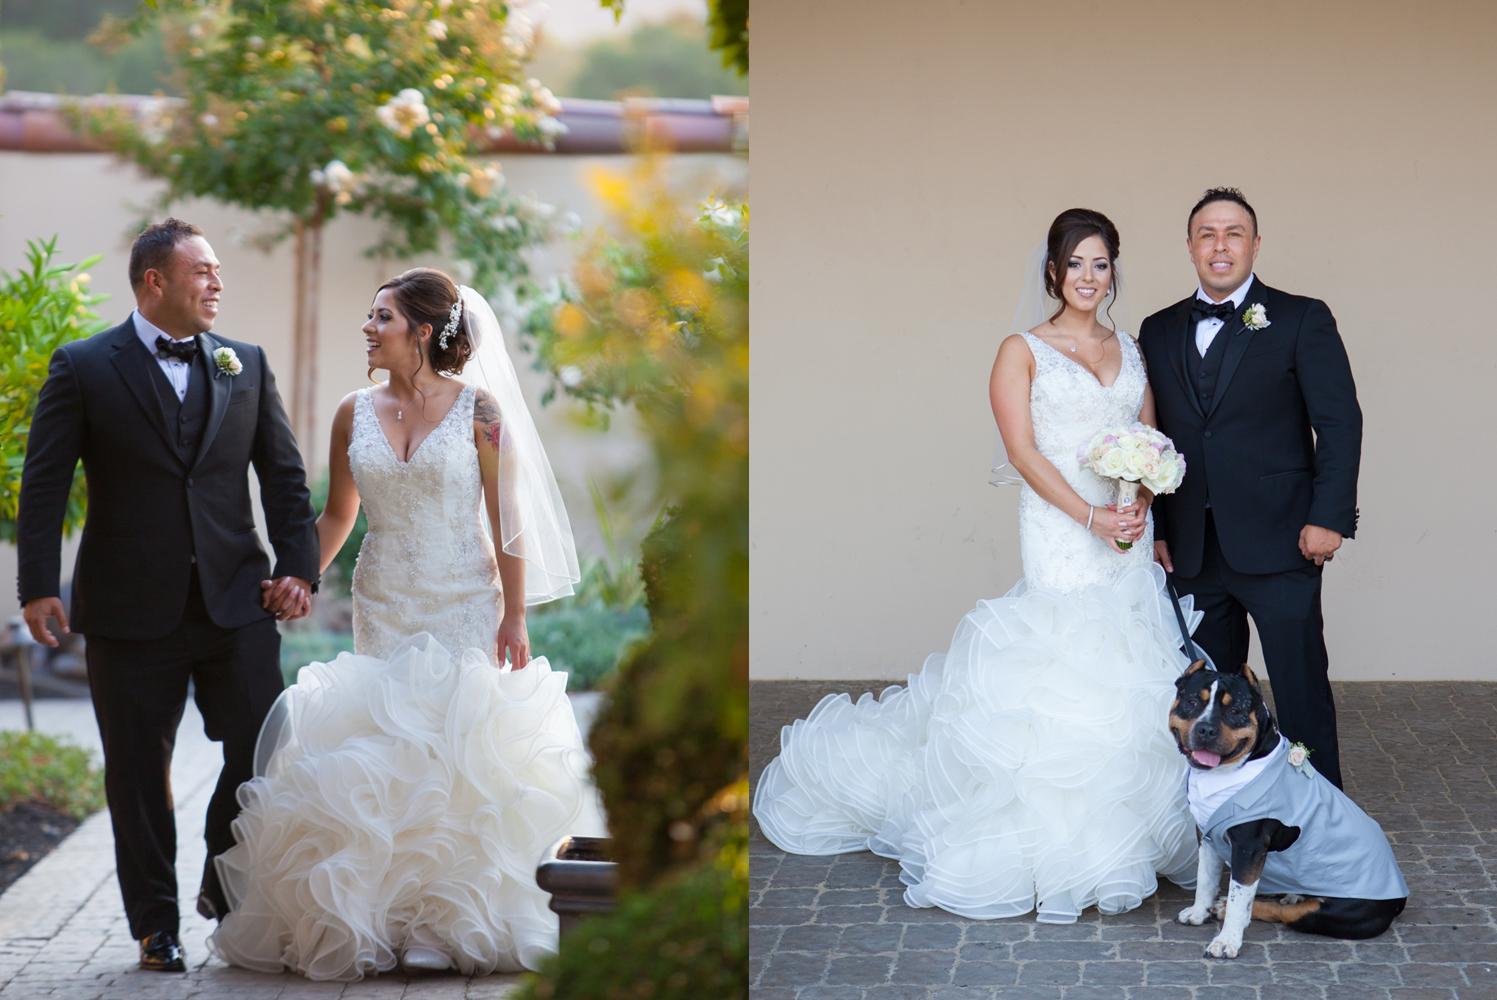 East-bay-wedding-layout-2.jpg